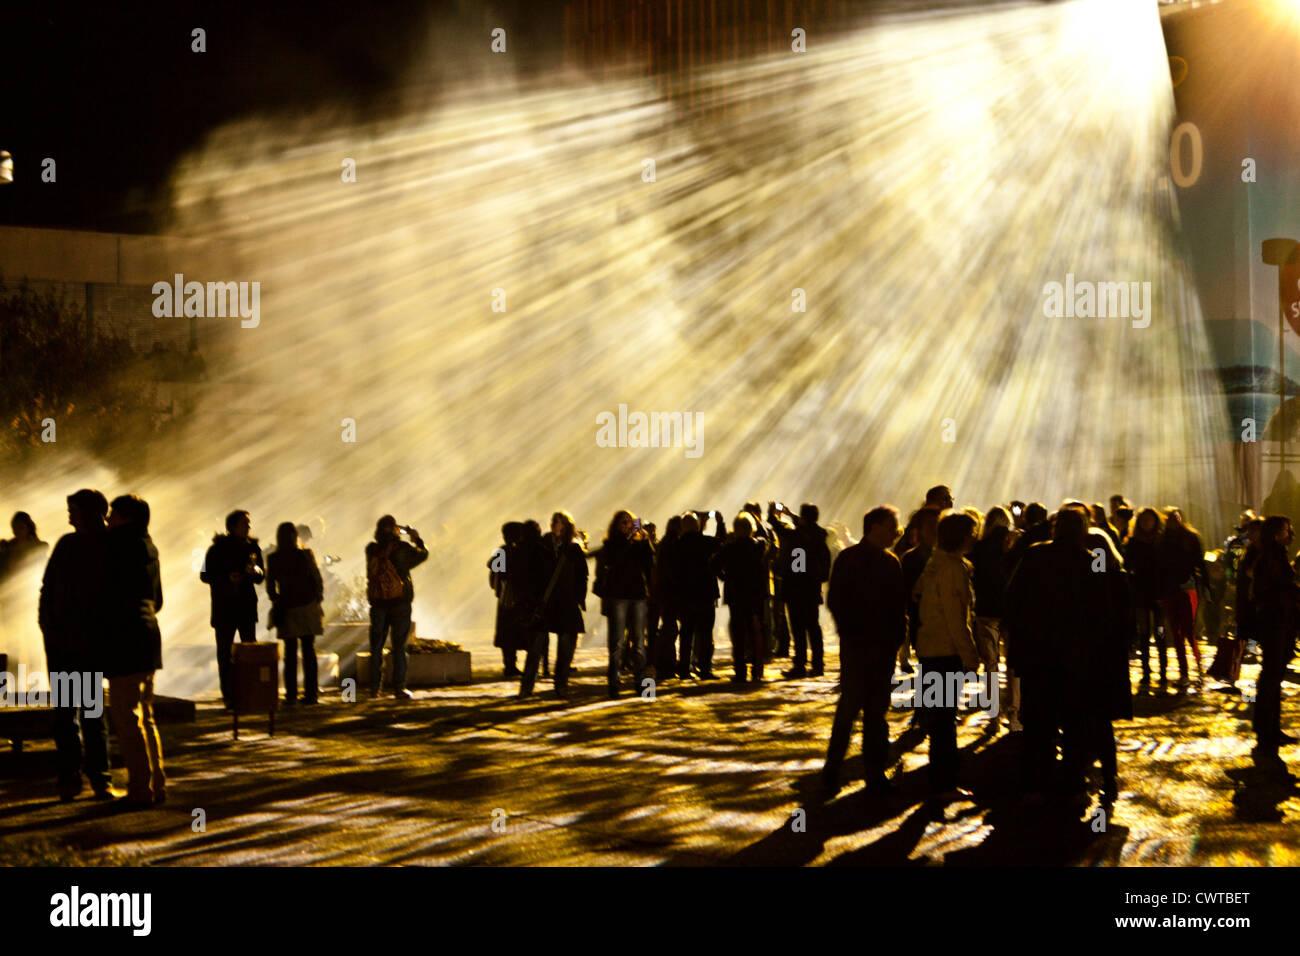 Menschen bei der Luminale, Frankfurt Am Main, Deutschland Stockbild